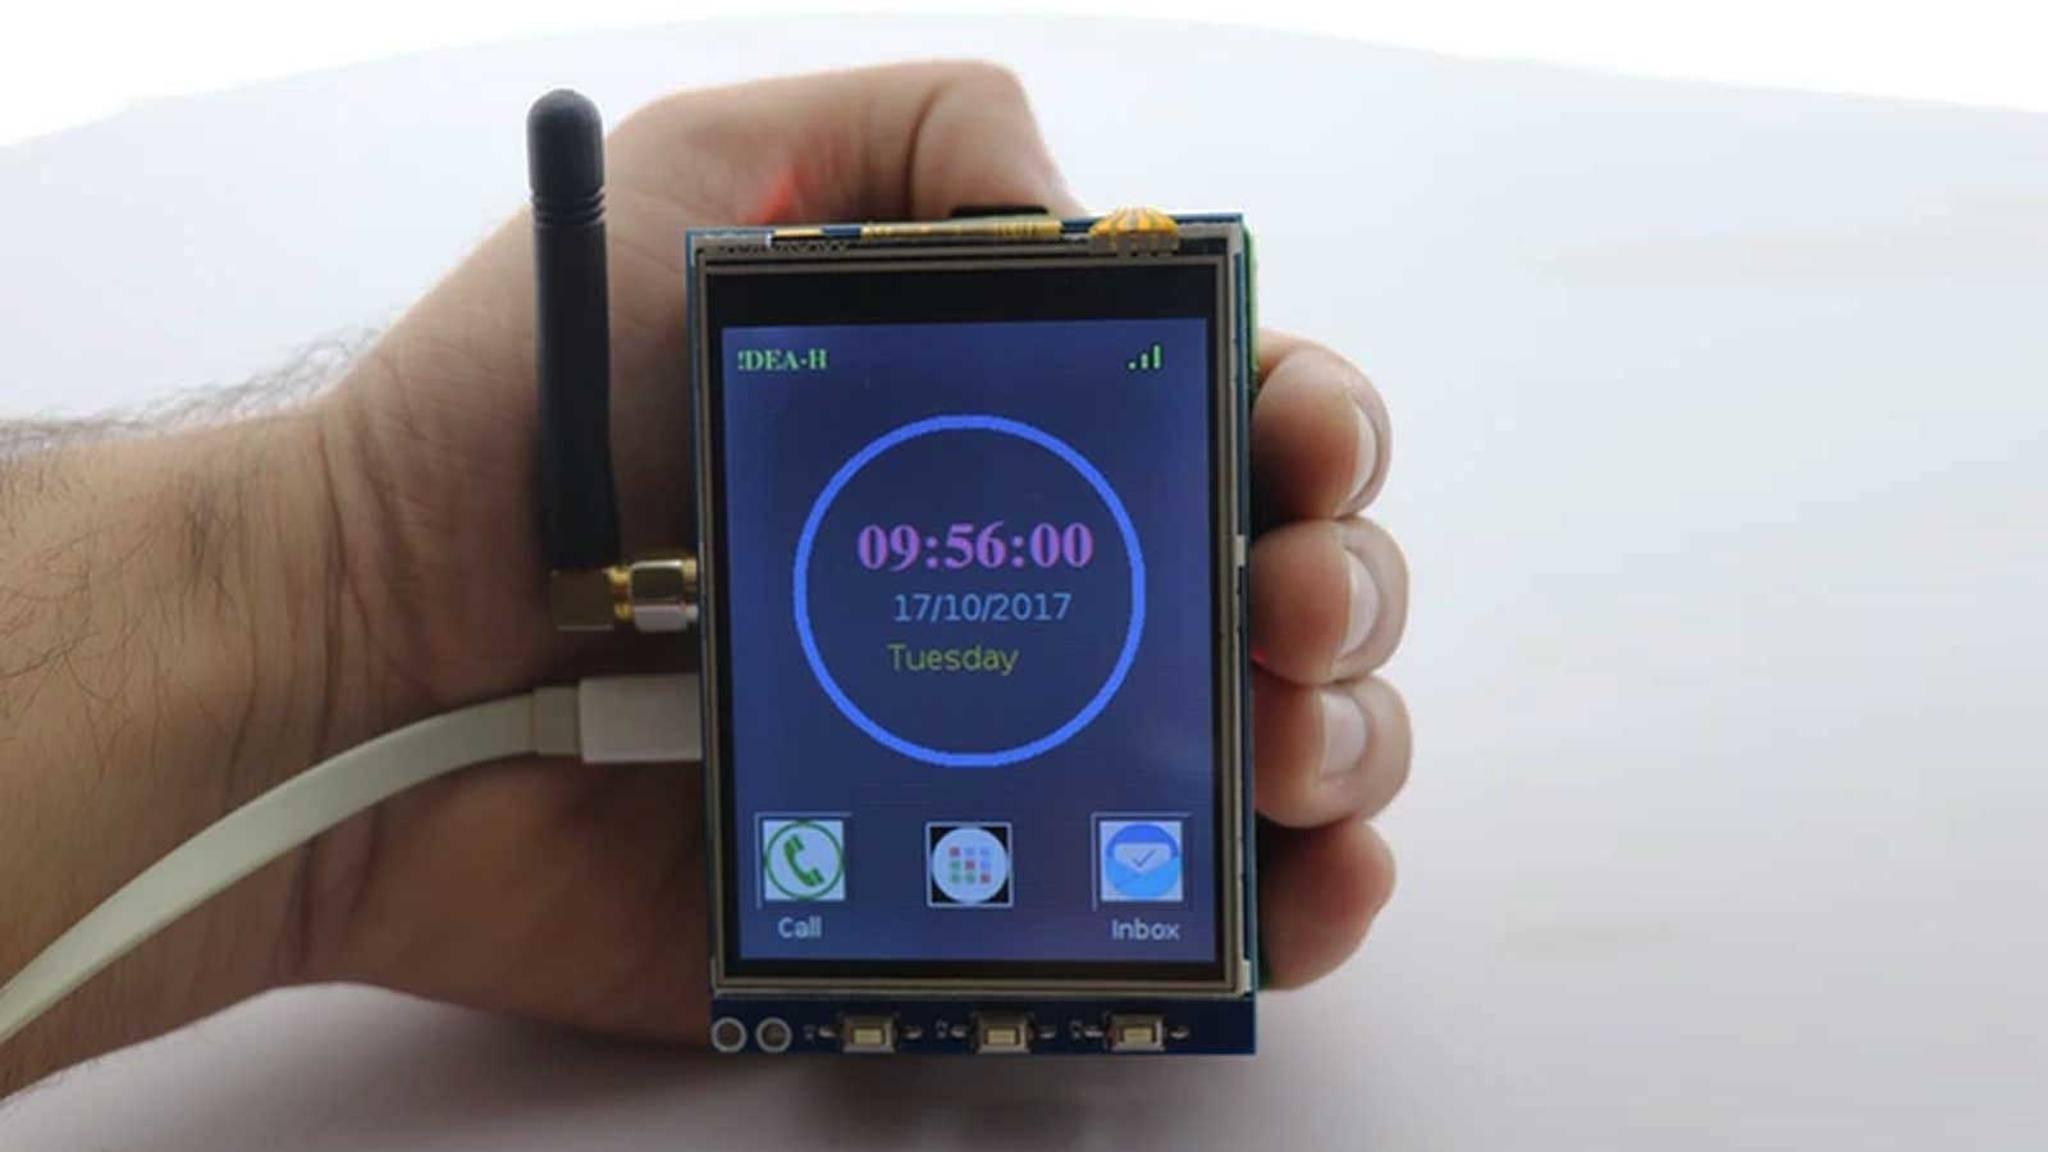 Mit einem RaspberryPi lässt sich ein Smartphone bauen.